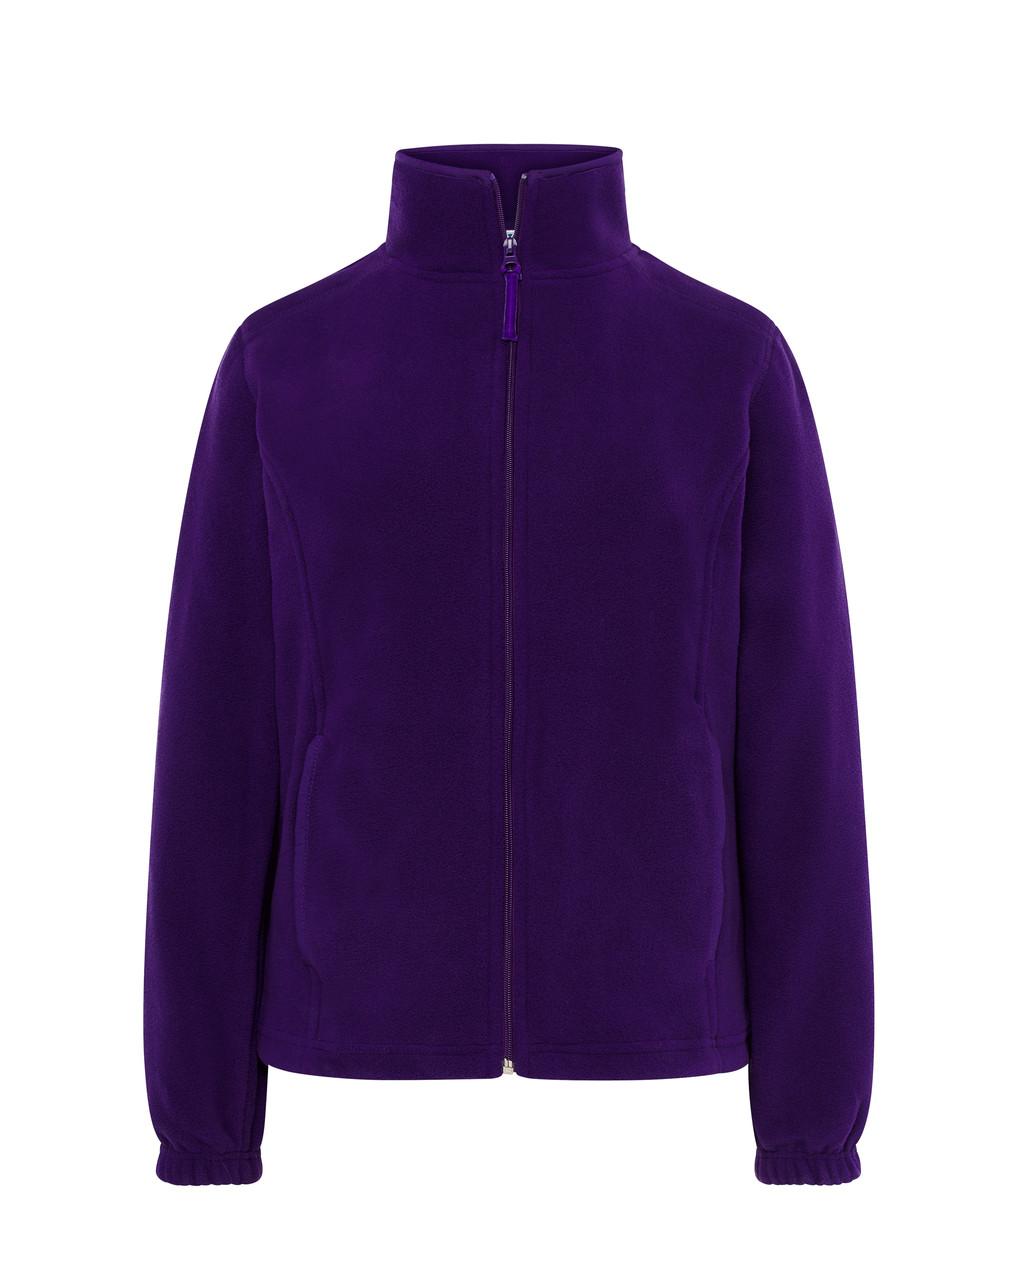 Женская флисовая куртка JHK POLAR FLEECE LADY цвет фиолетовый (PU)